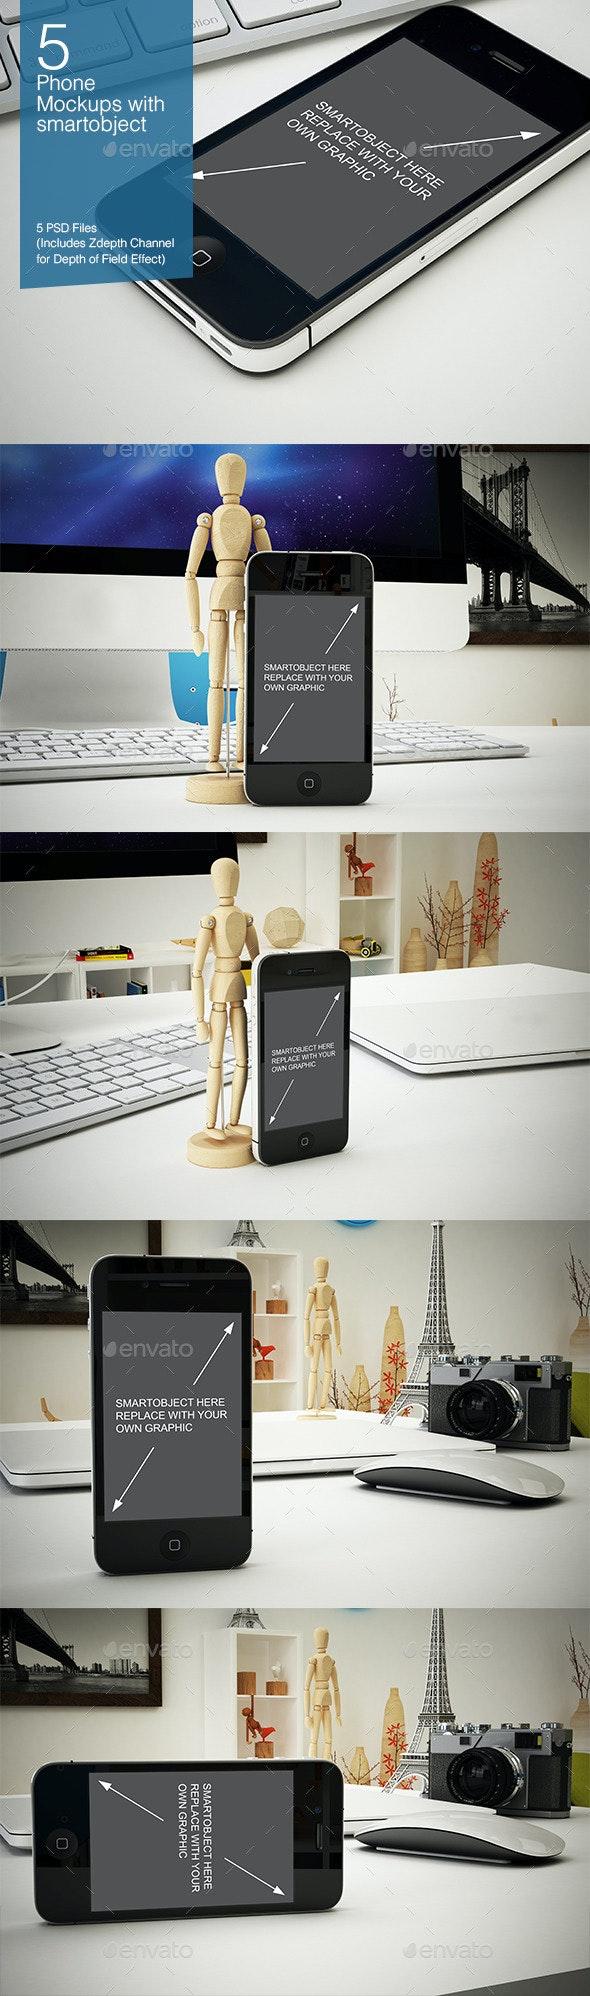 Phone Mockup 5 Poses - Mobile Displays